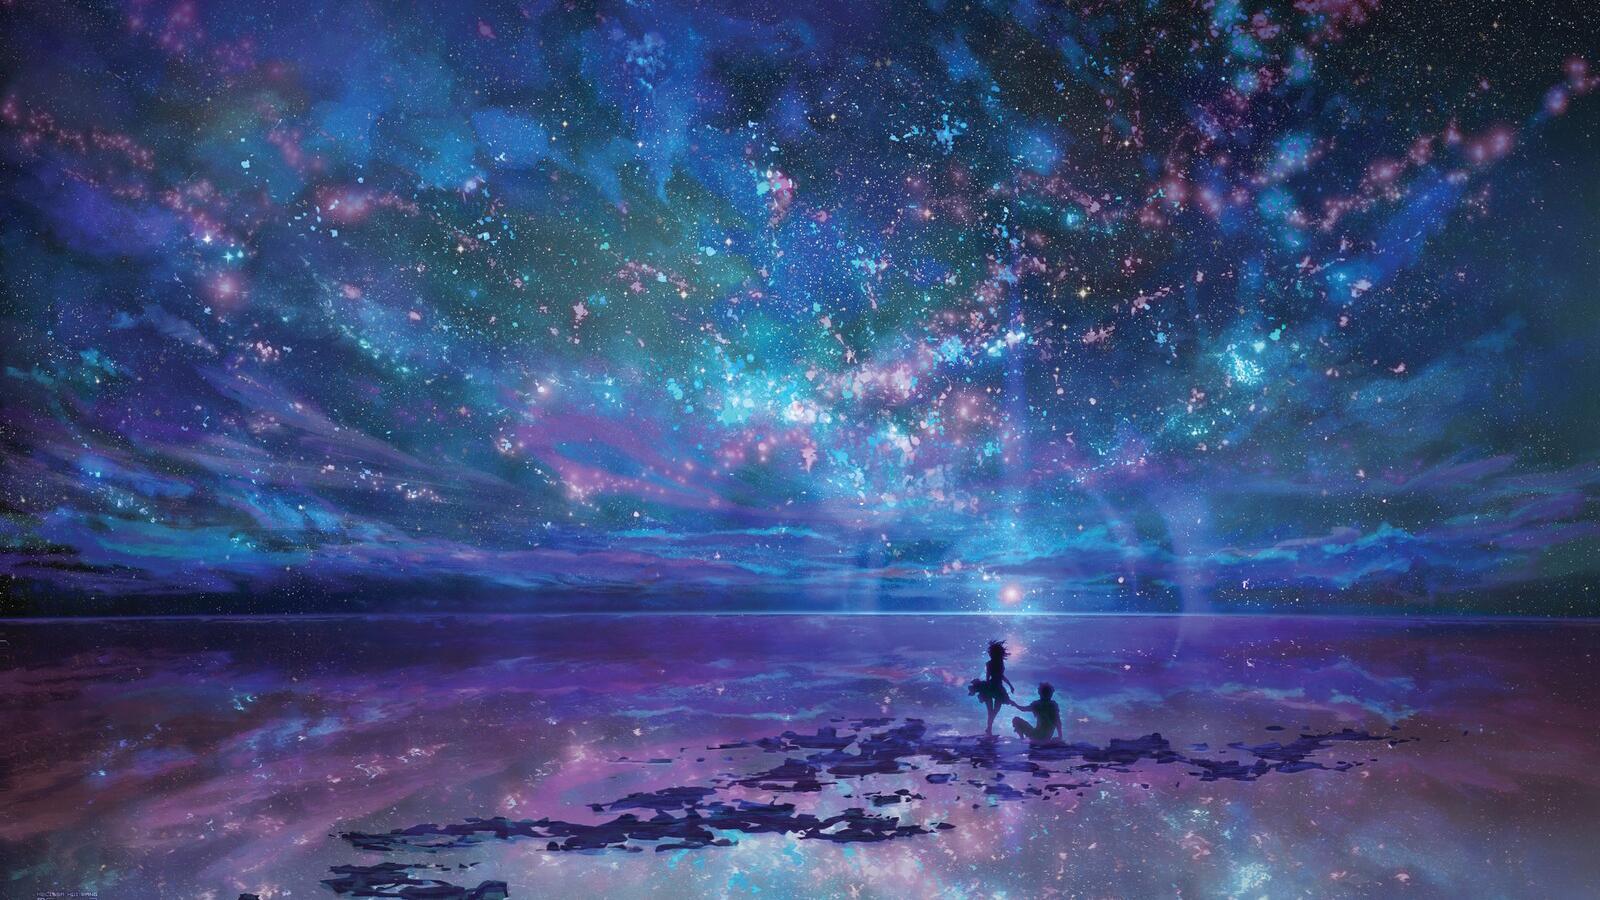 二次元美图 星空 夜空